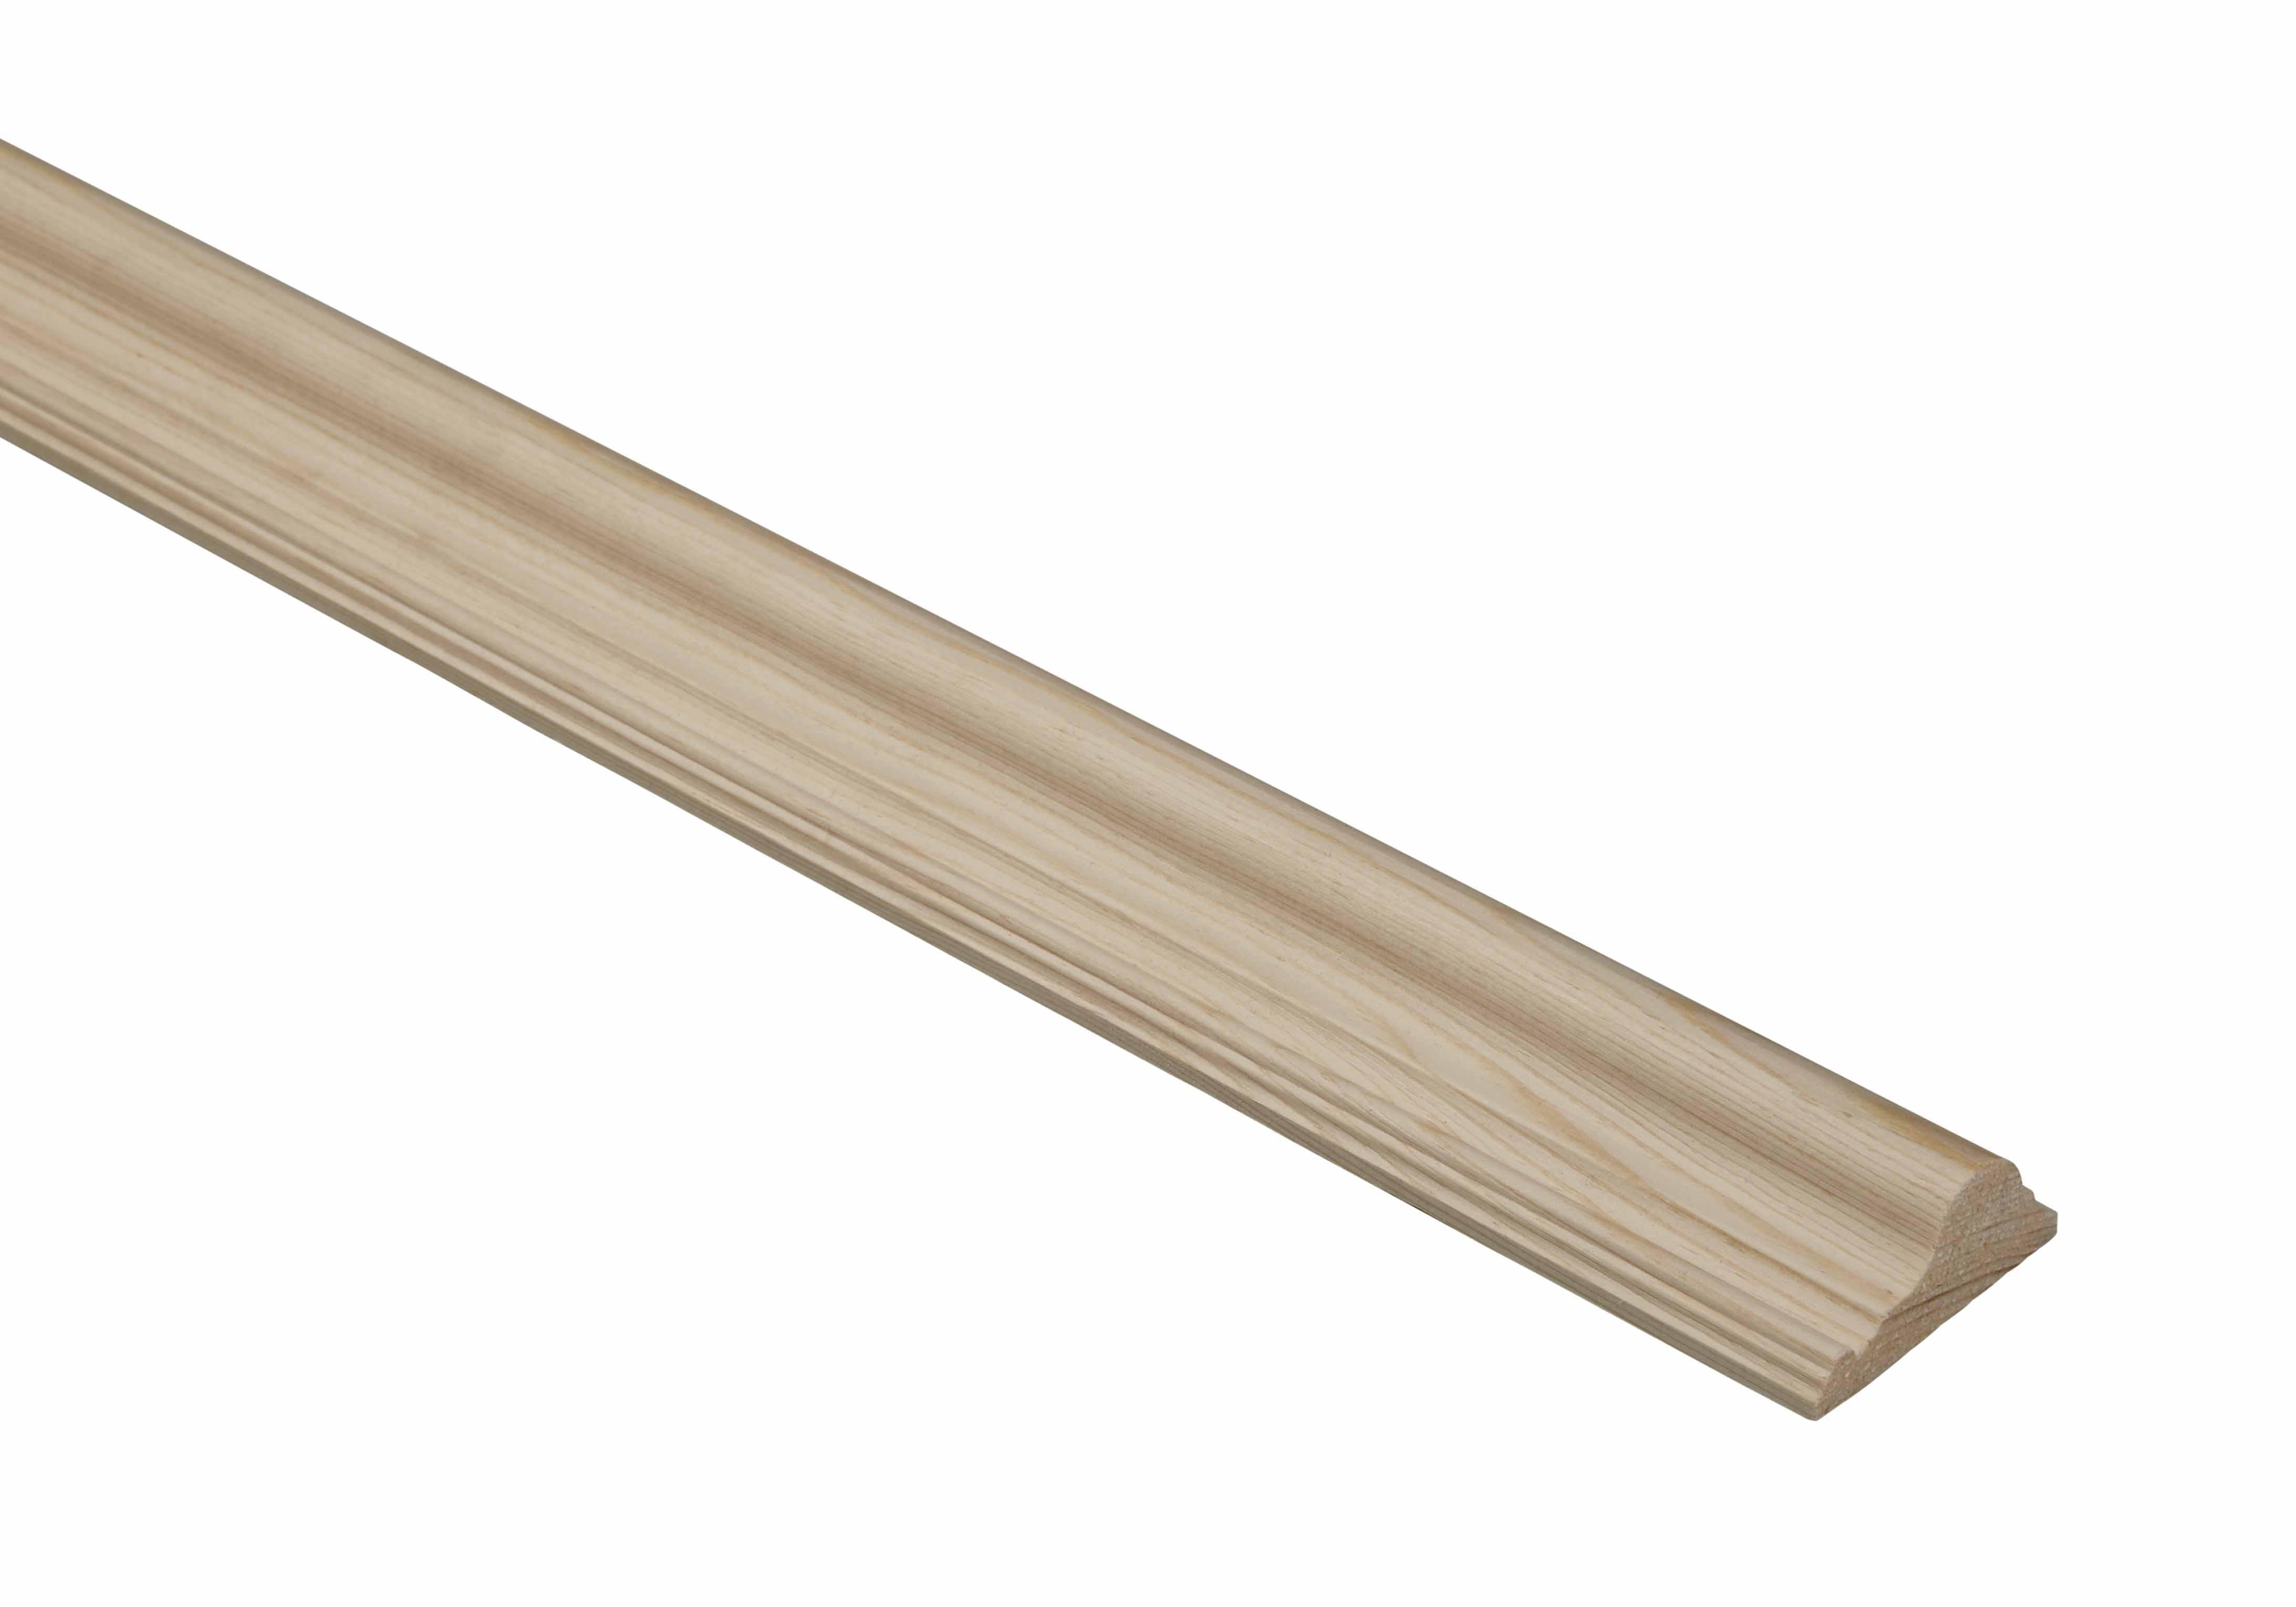 10 Pine Dado Rail Mouldings 20 x 45 x 2400mm